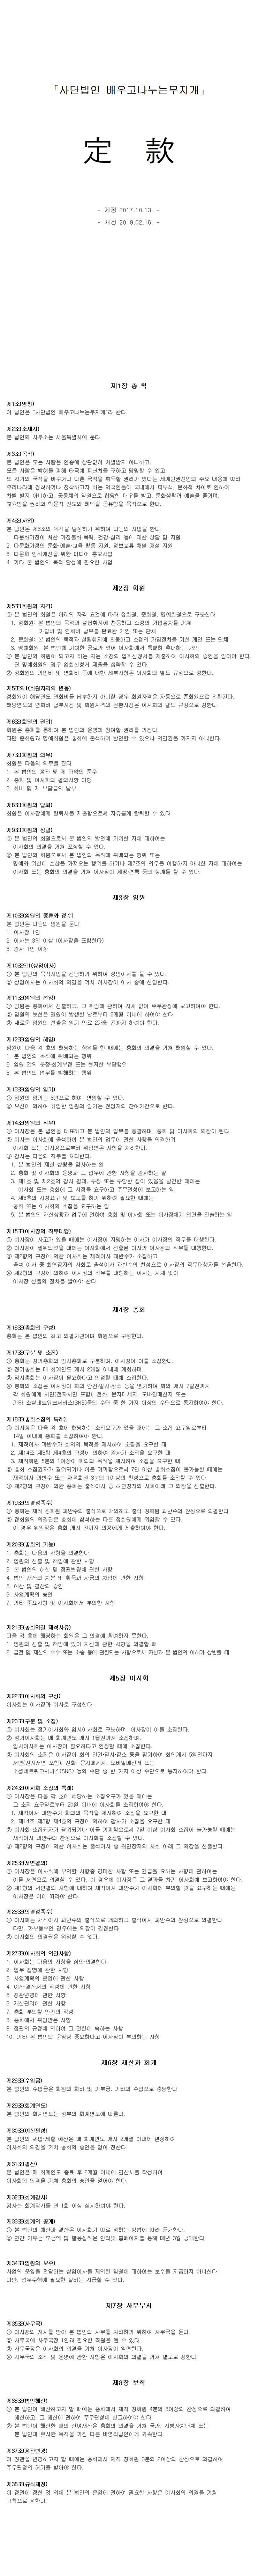 2019 정관 개정안.jpg